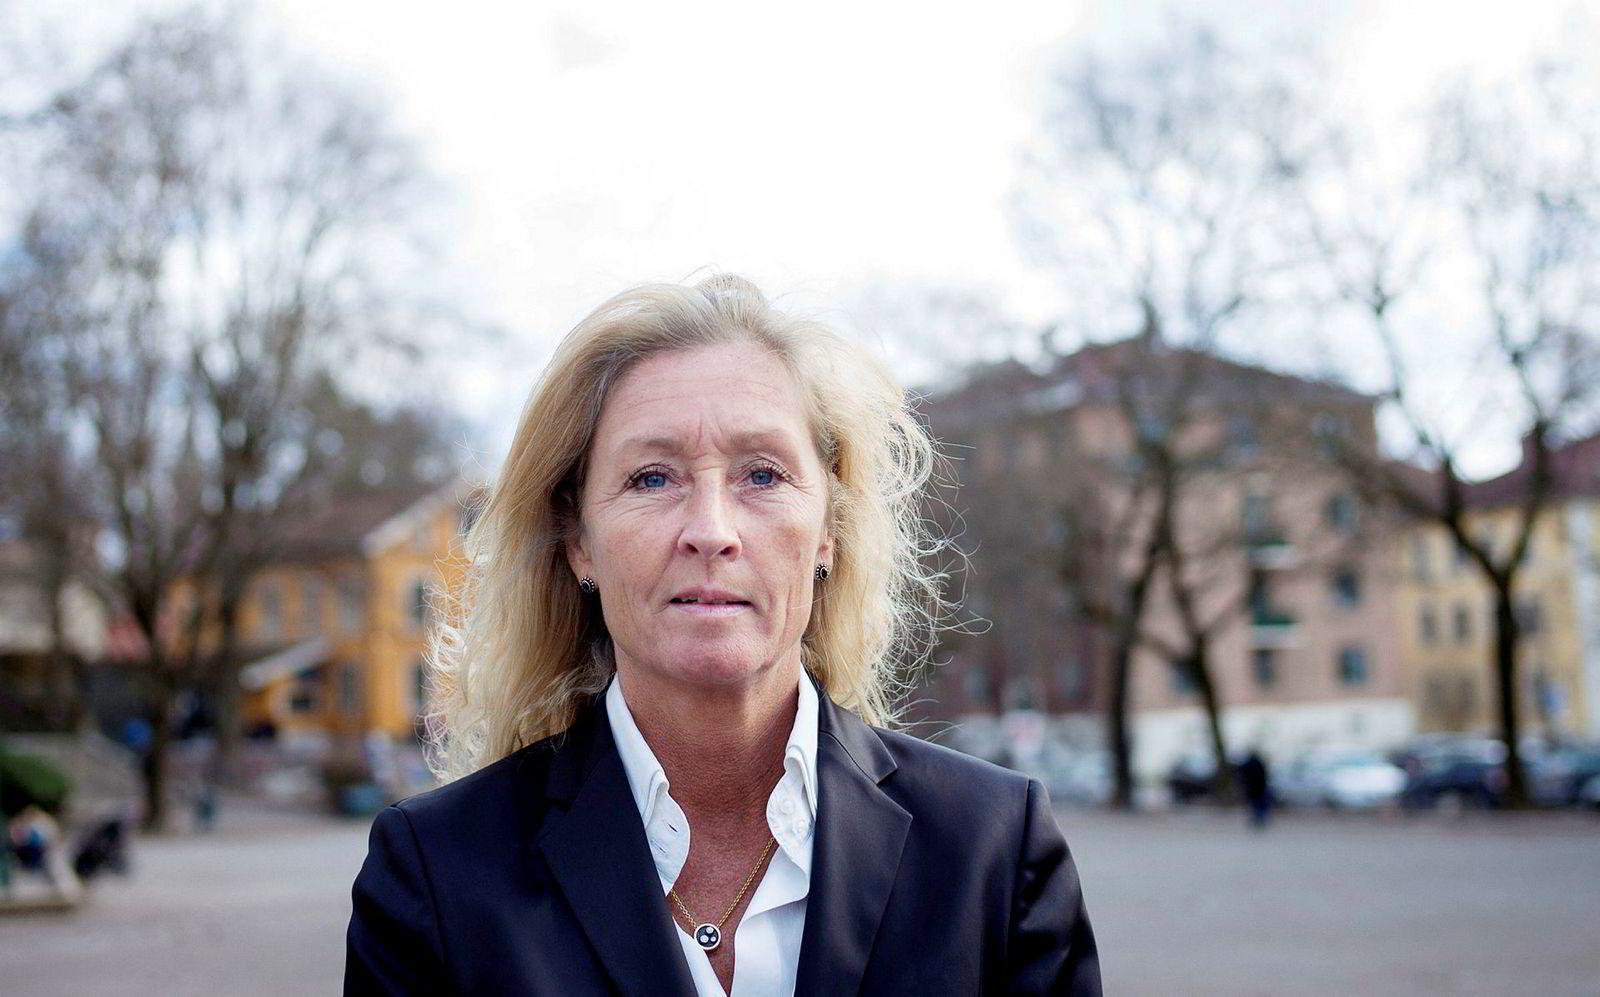 – Vi må også huske at selv om det er mange permitterte og arbeidsledige er det svært mange som får bedre kjøpekraft nå på grunn av den lave renten, sier Grethe Wittenberg Meier i Privatmegleren.